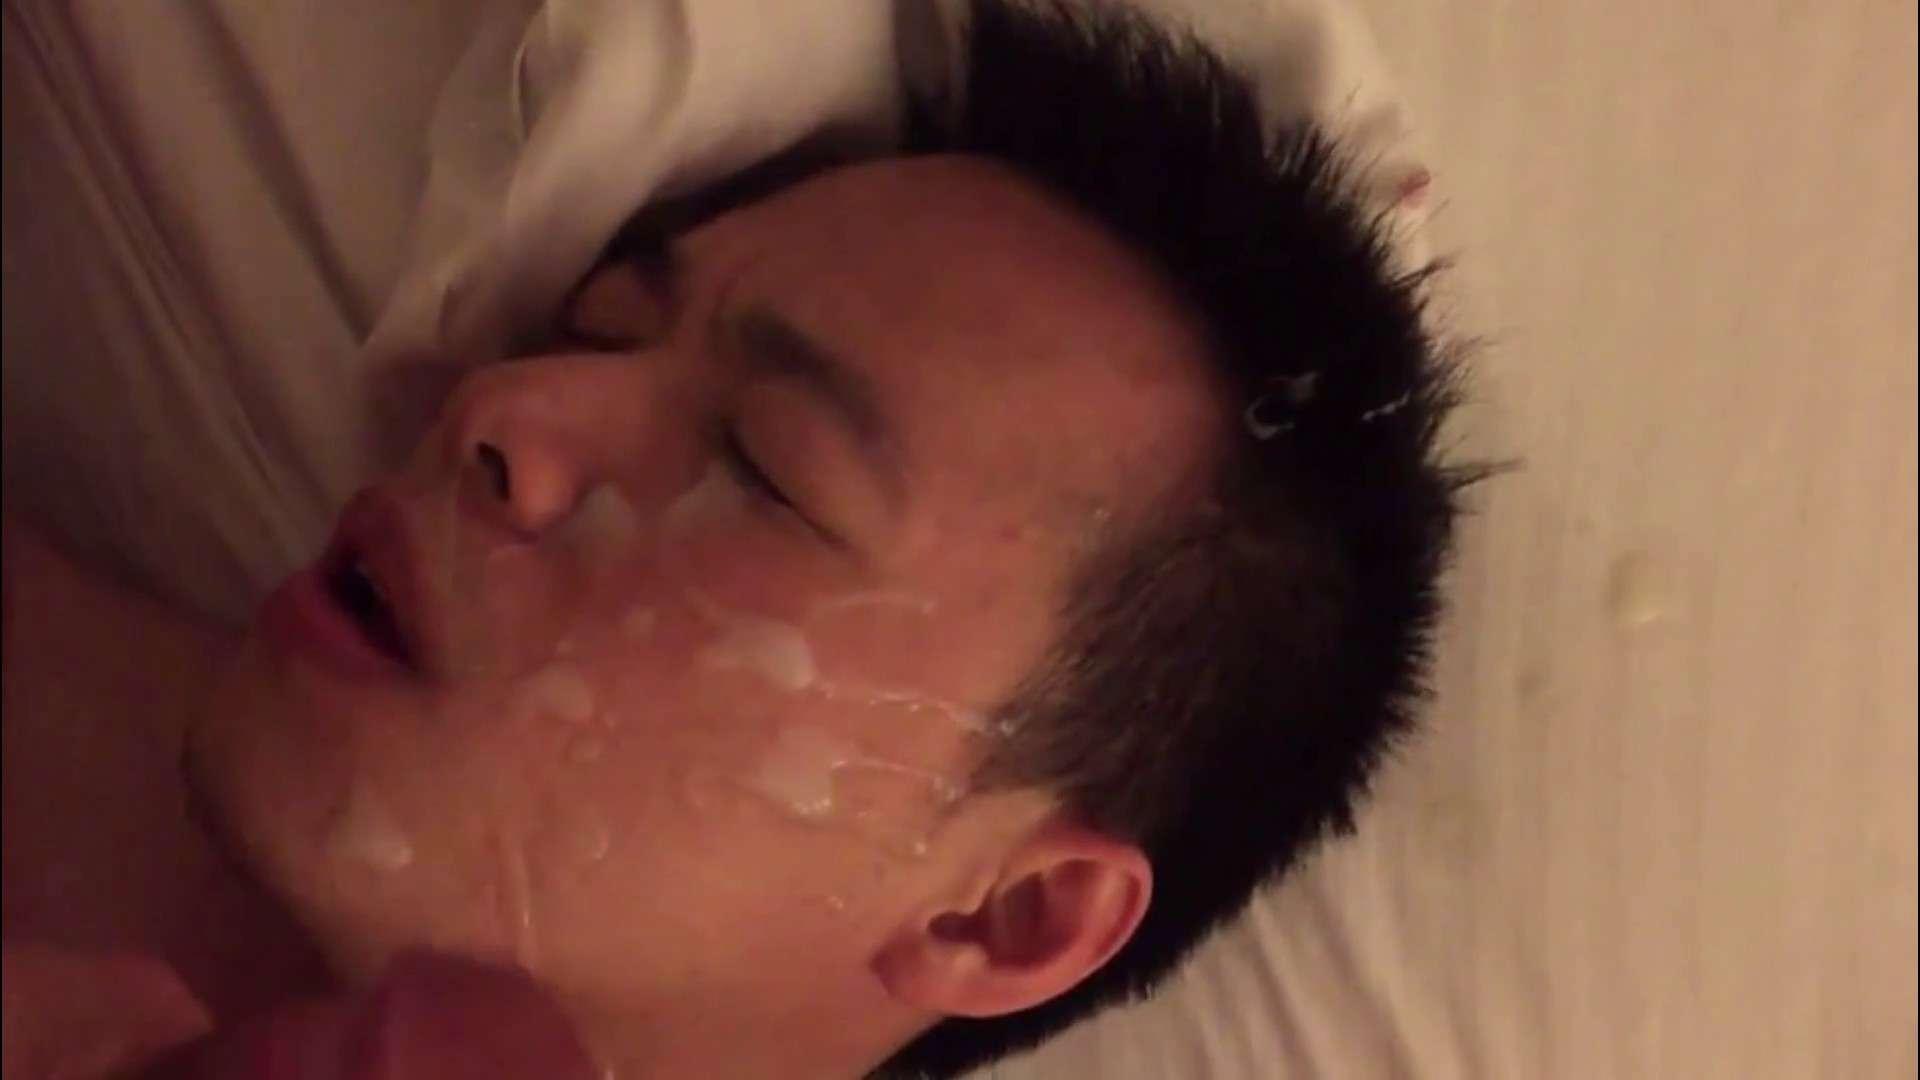 エロいフェラシーンをピックアップvol43 男どうし ゲイ無料無修正画像 108pic 80